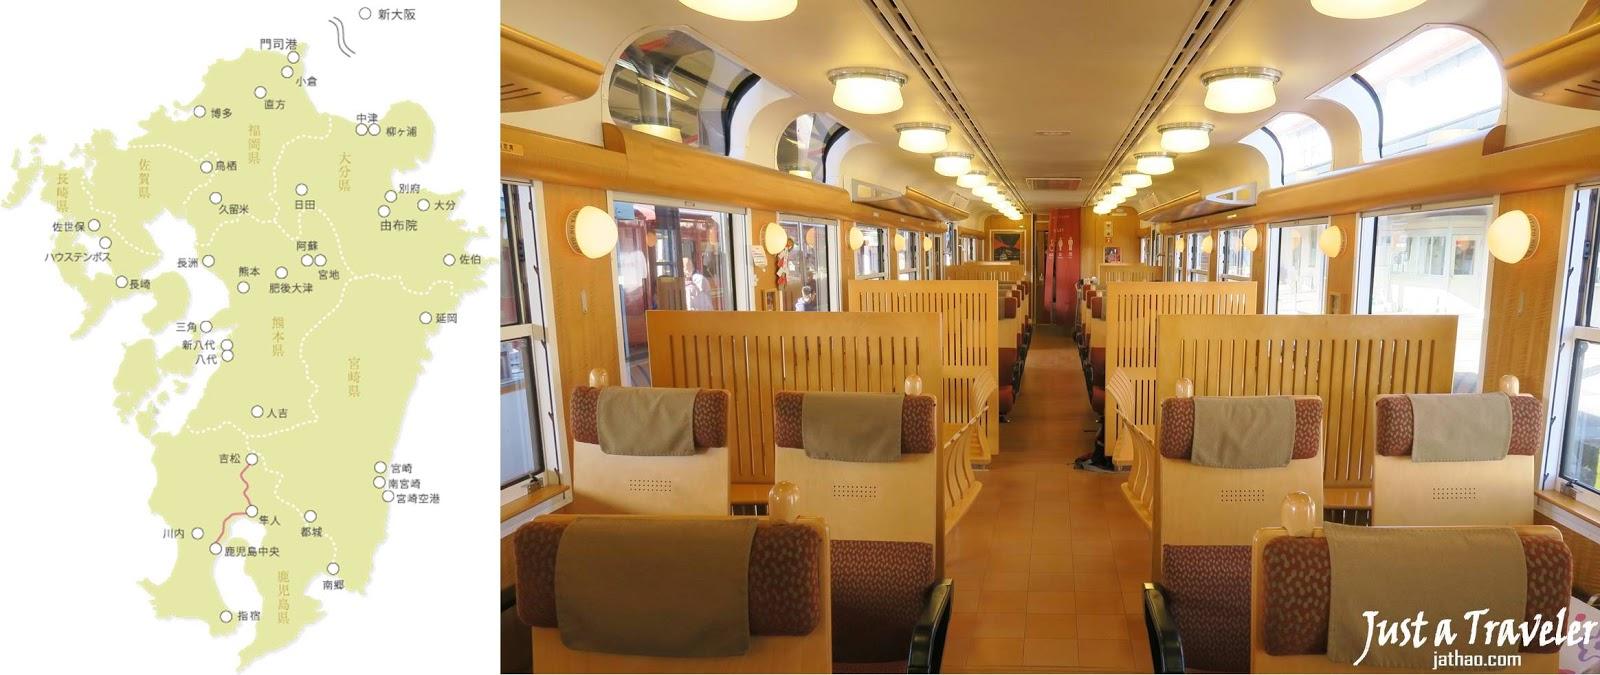 九州-特色觀光列車-推薦-D&S列車-隼人之風-攻略-特色列車預訂-觀光列車-火車-JR-交通-Kyushu